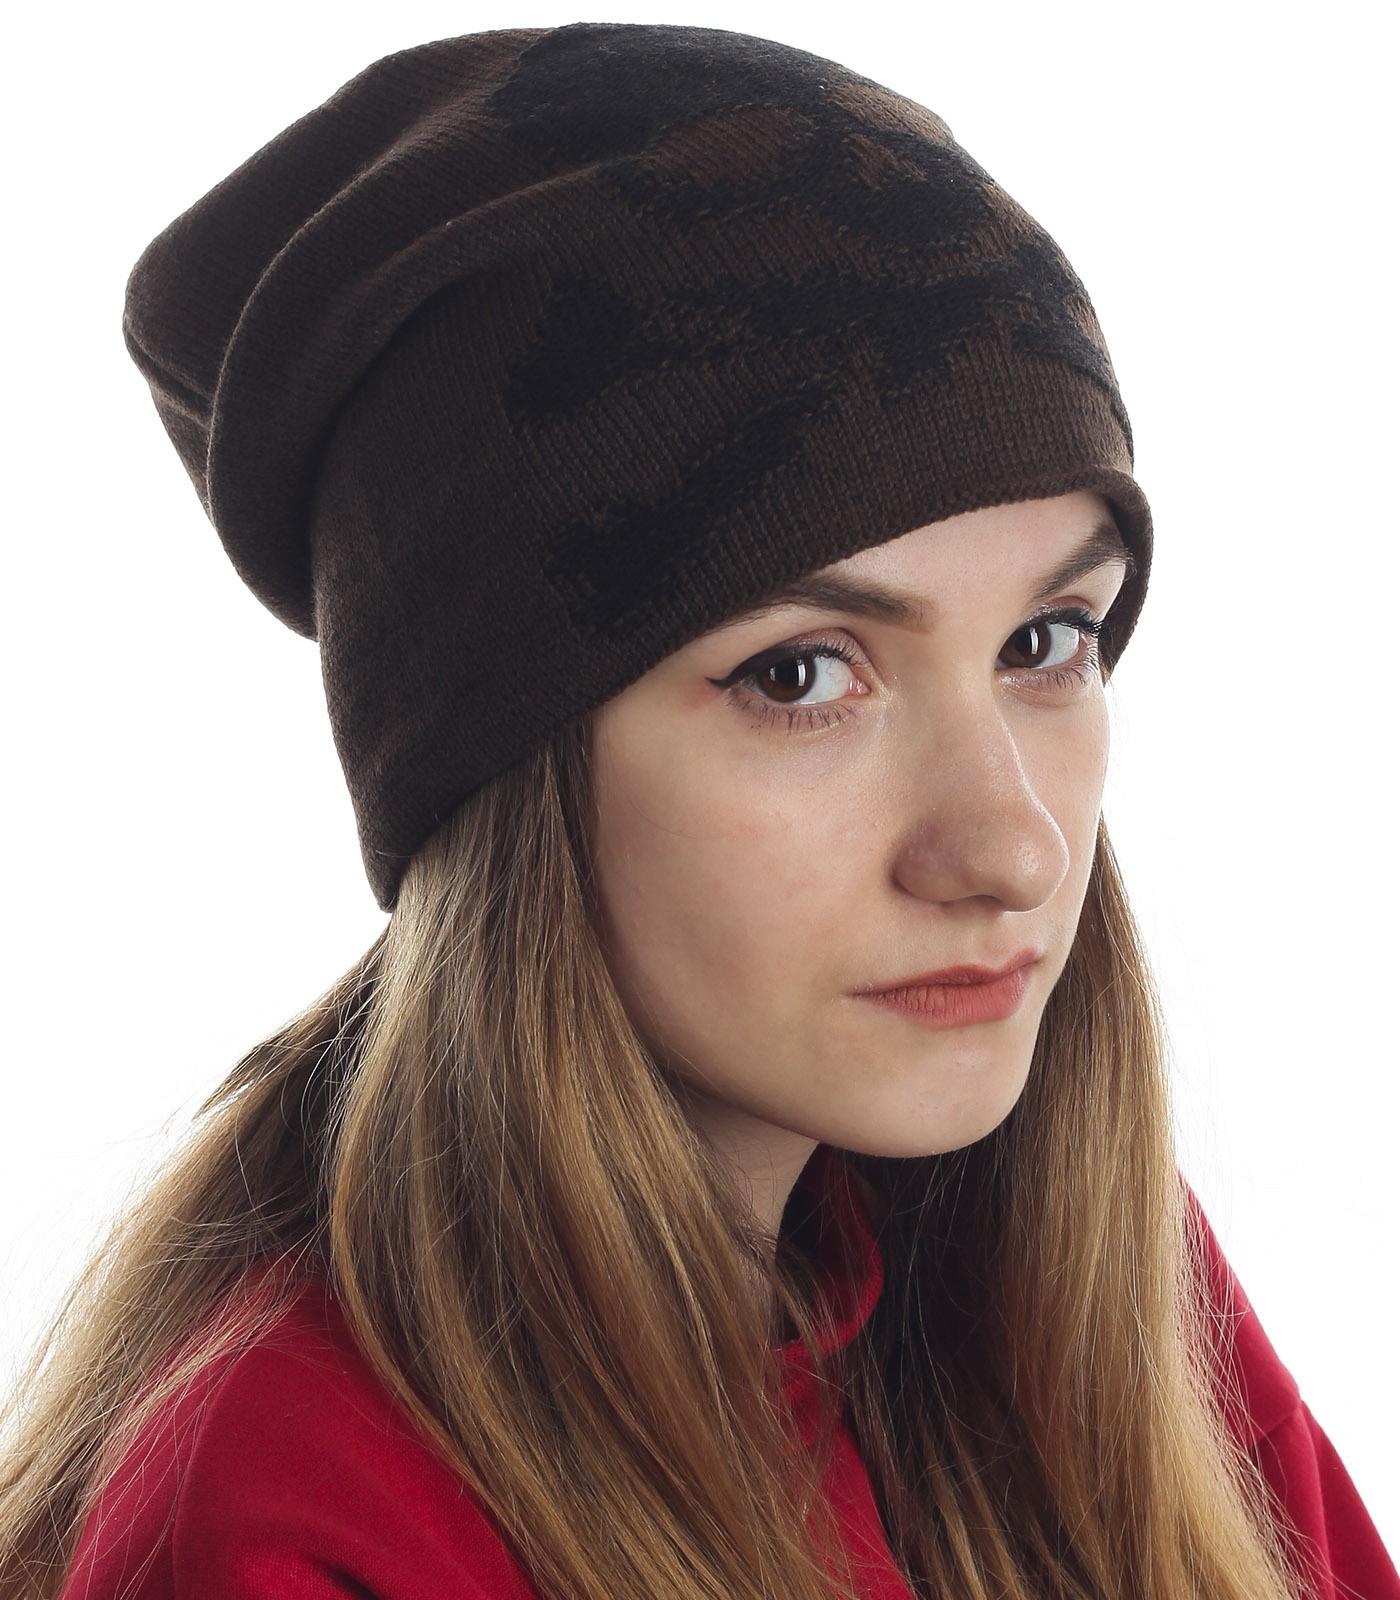 Модная женская шапка с оригинальным черепом. Холодно не будет!